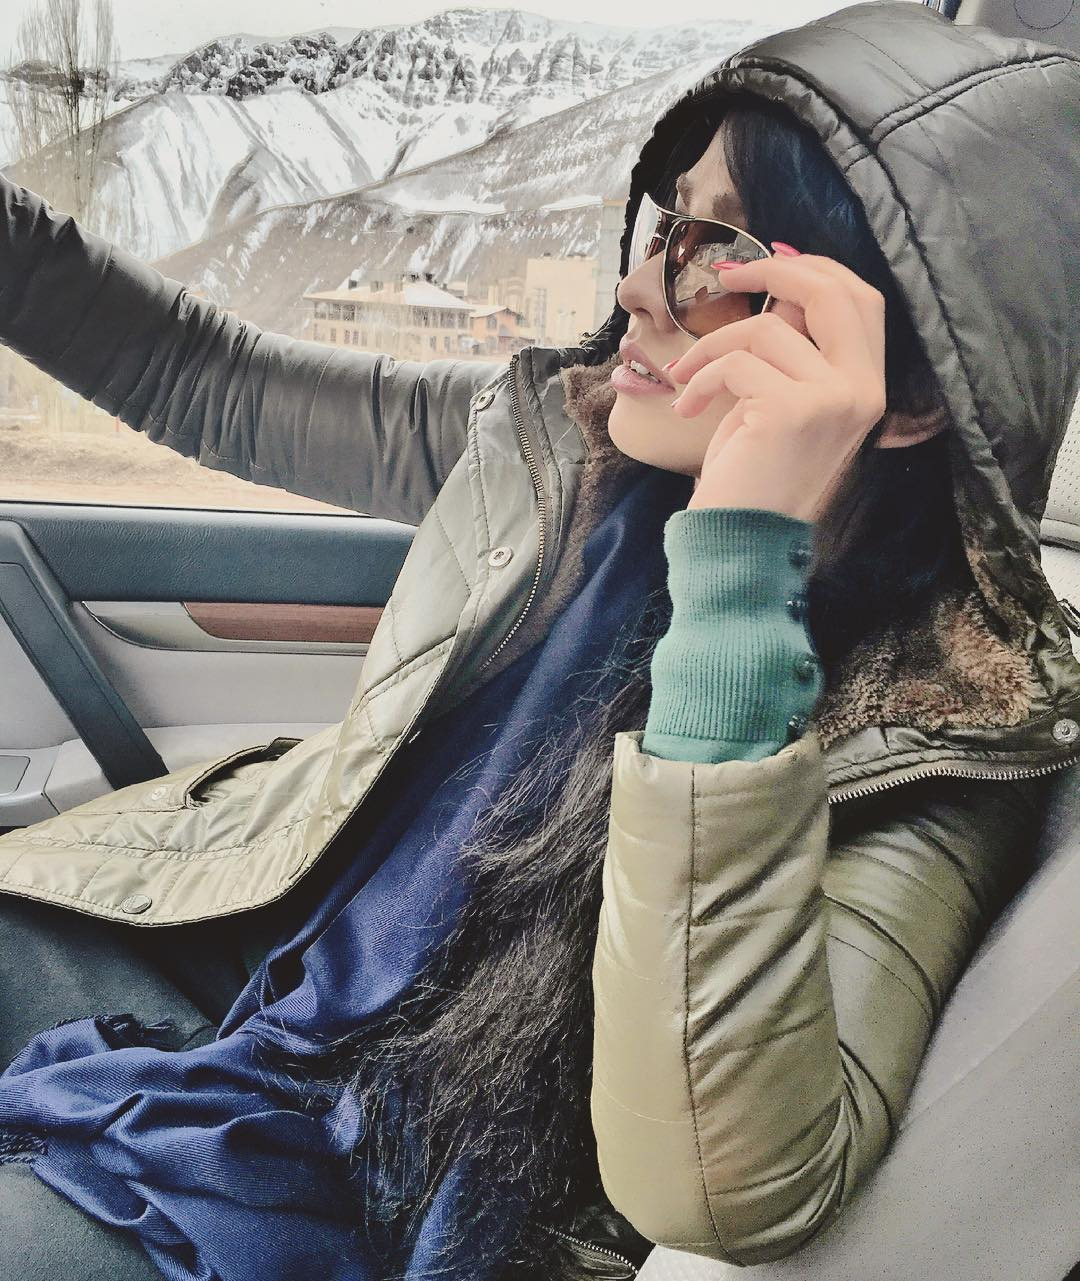 عکس شخصی و جدید سیما خضر آبادی